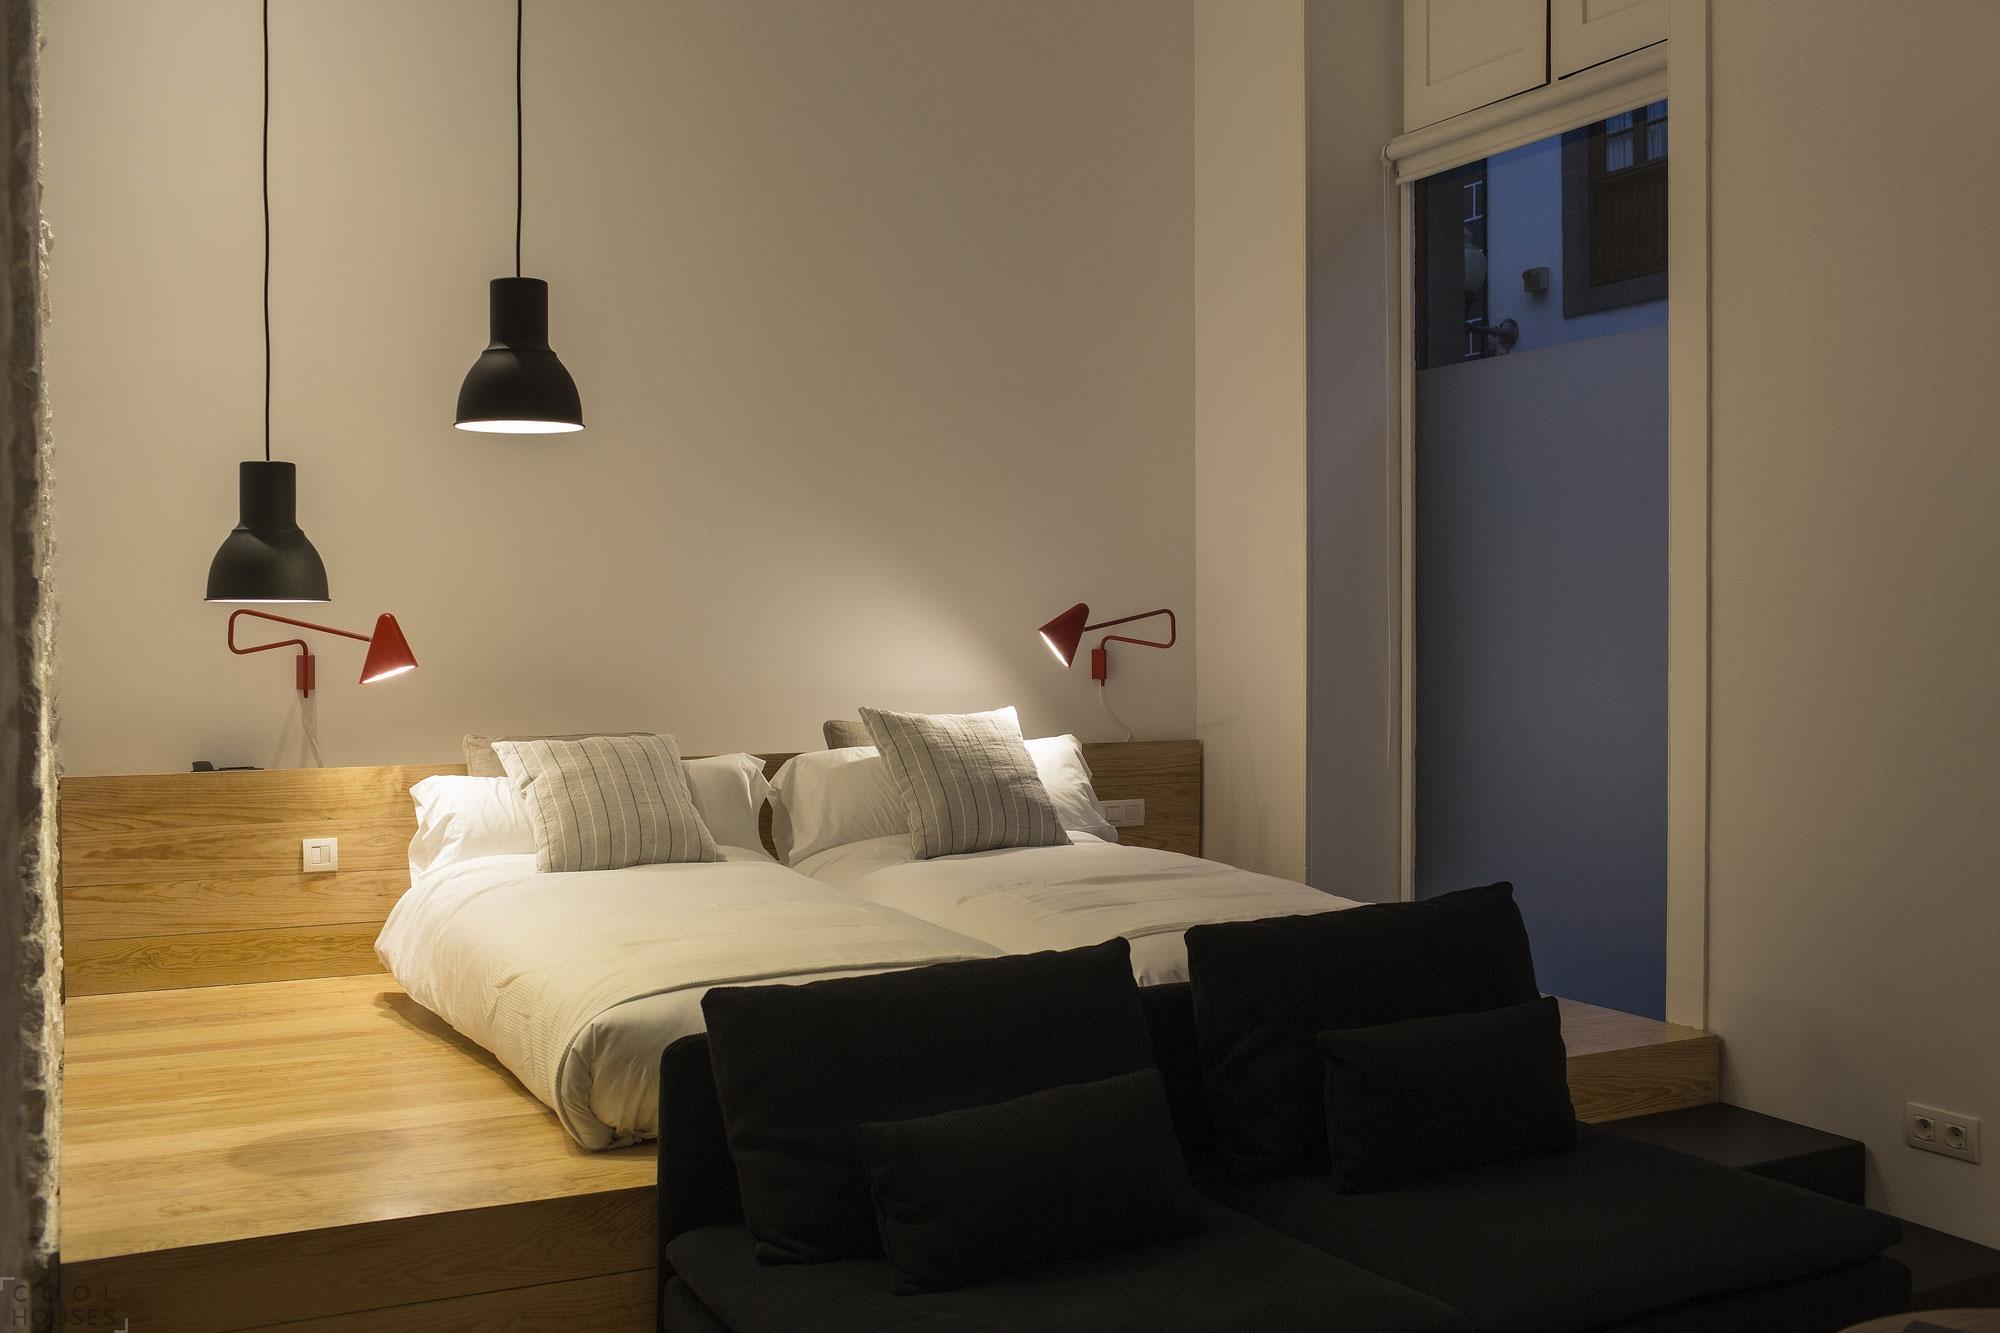 Кровать подиум ретро